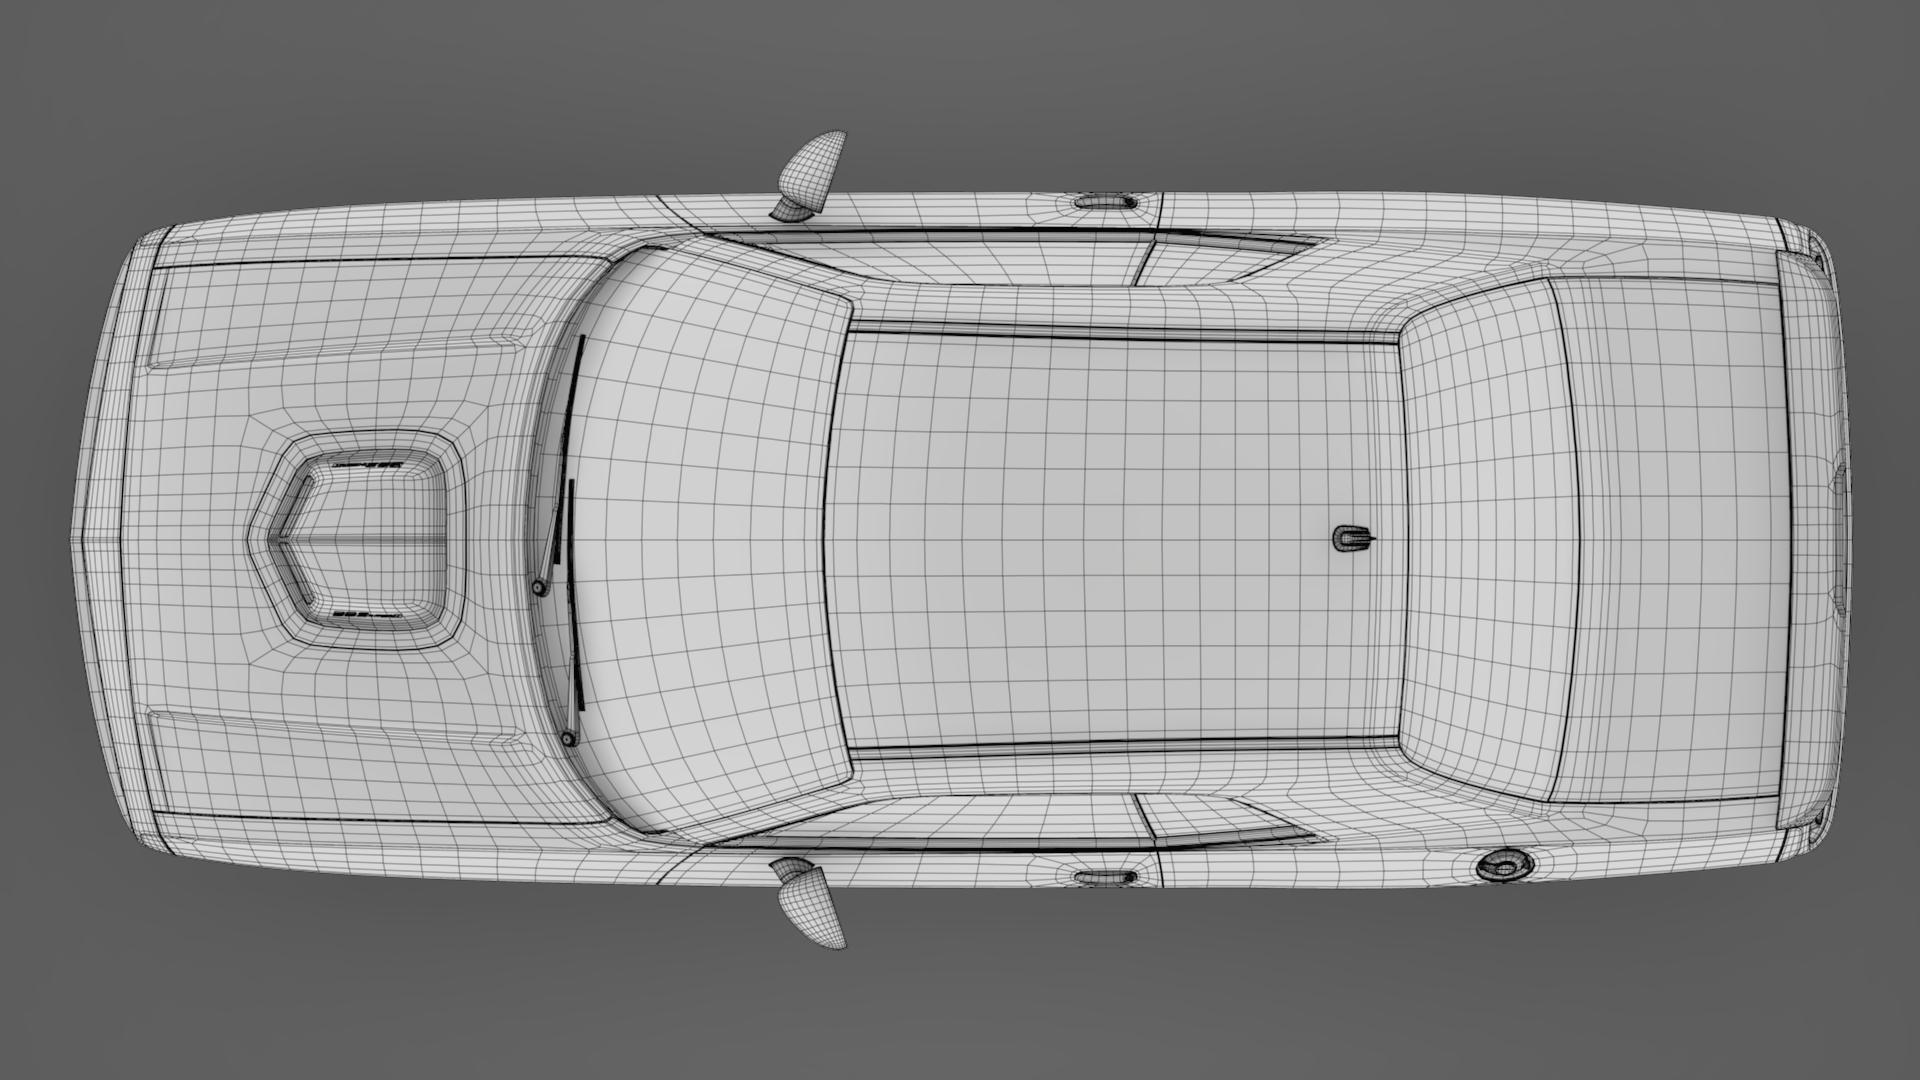 Dodge Challenger 392 shaker (lc) 2016 yn hedfan model 3d 3ds max fbx c4d ar gyfer yr hrc xsi obj 220619